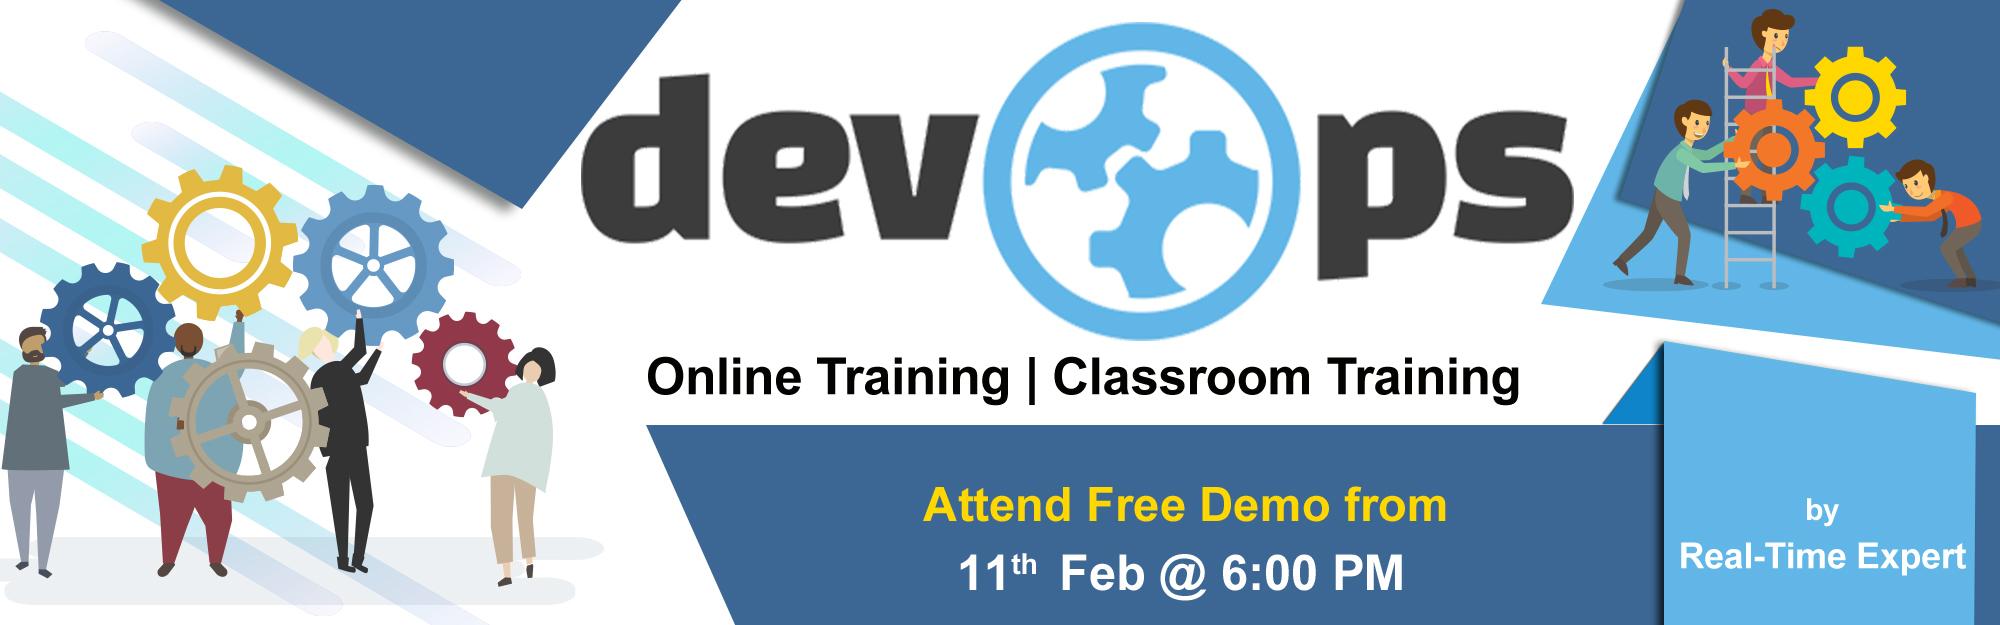 DevOps-Onilne-Training-NareshIT